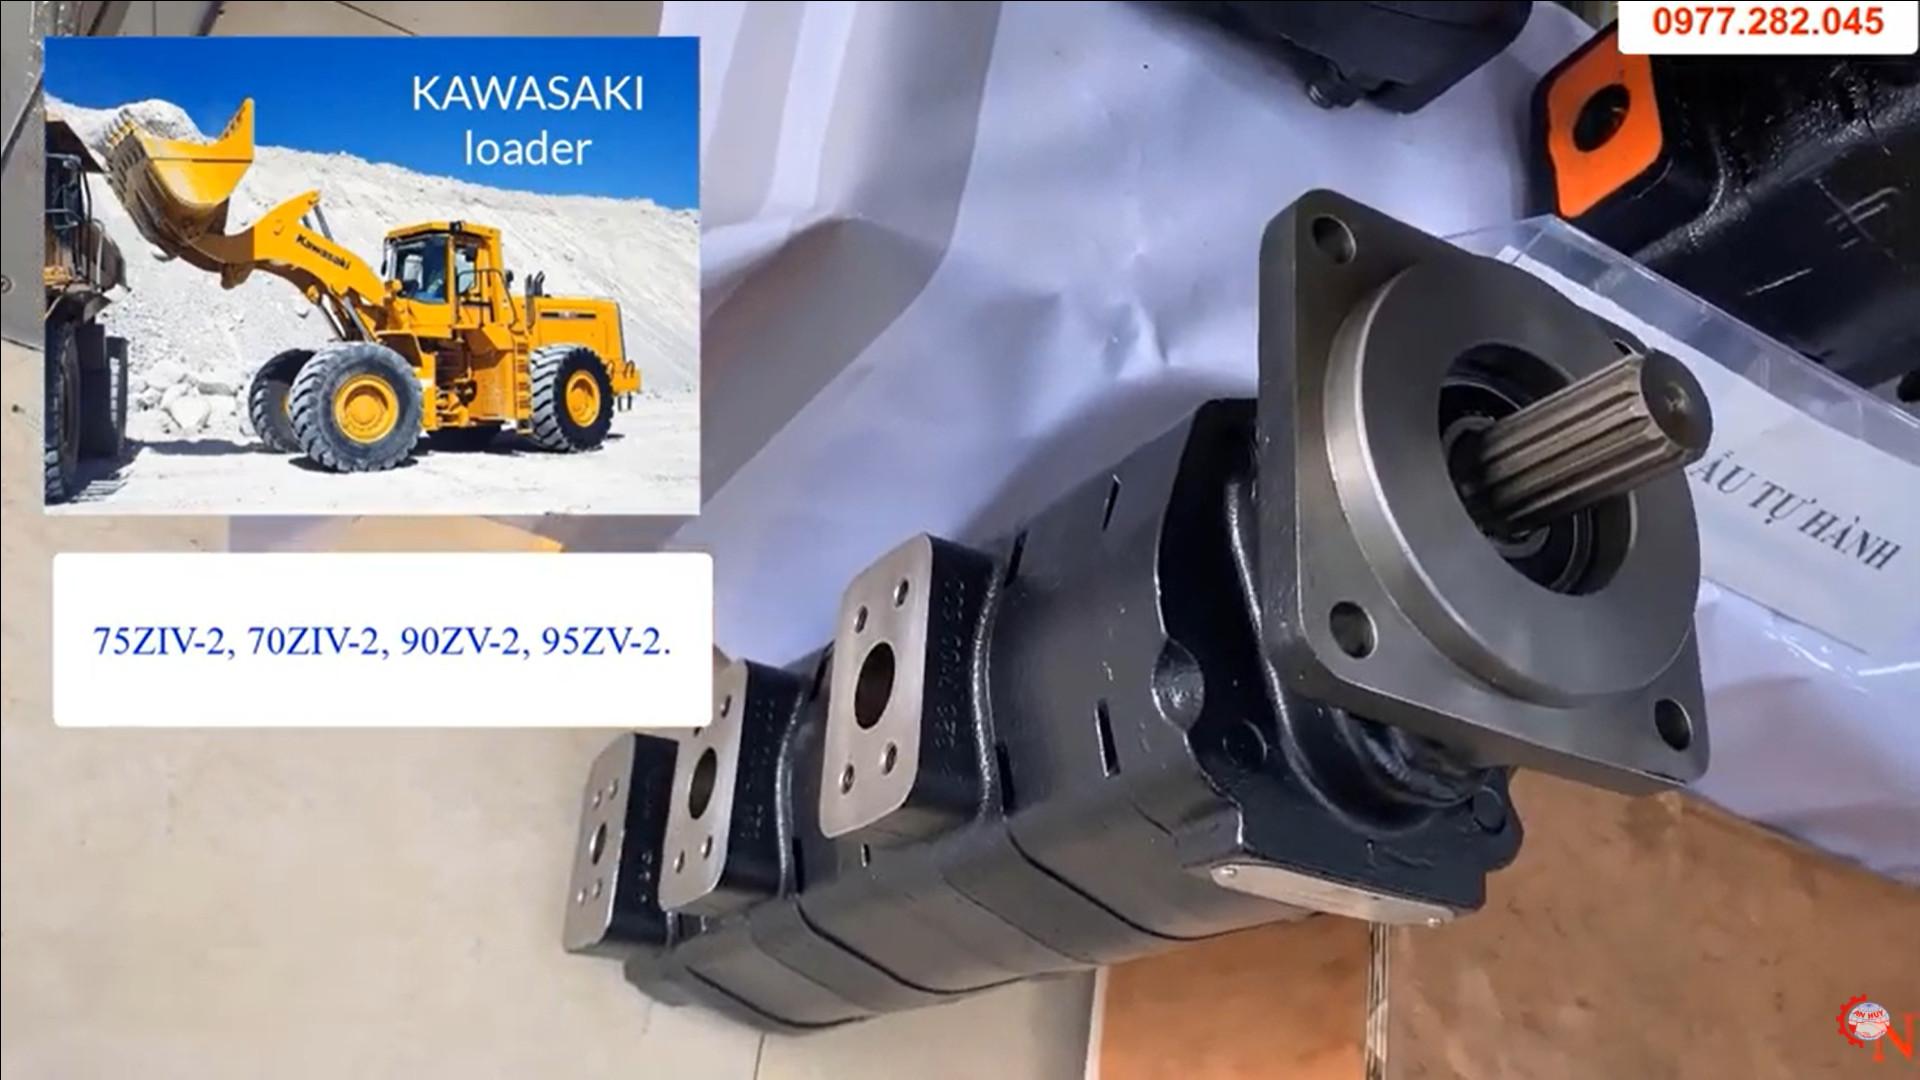 Bơm Số Xe Xúc Lật Kawasaki